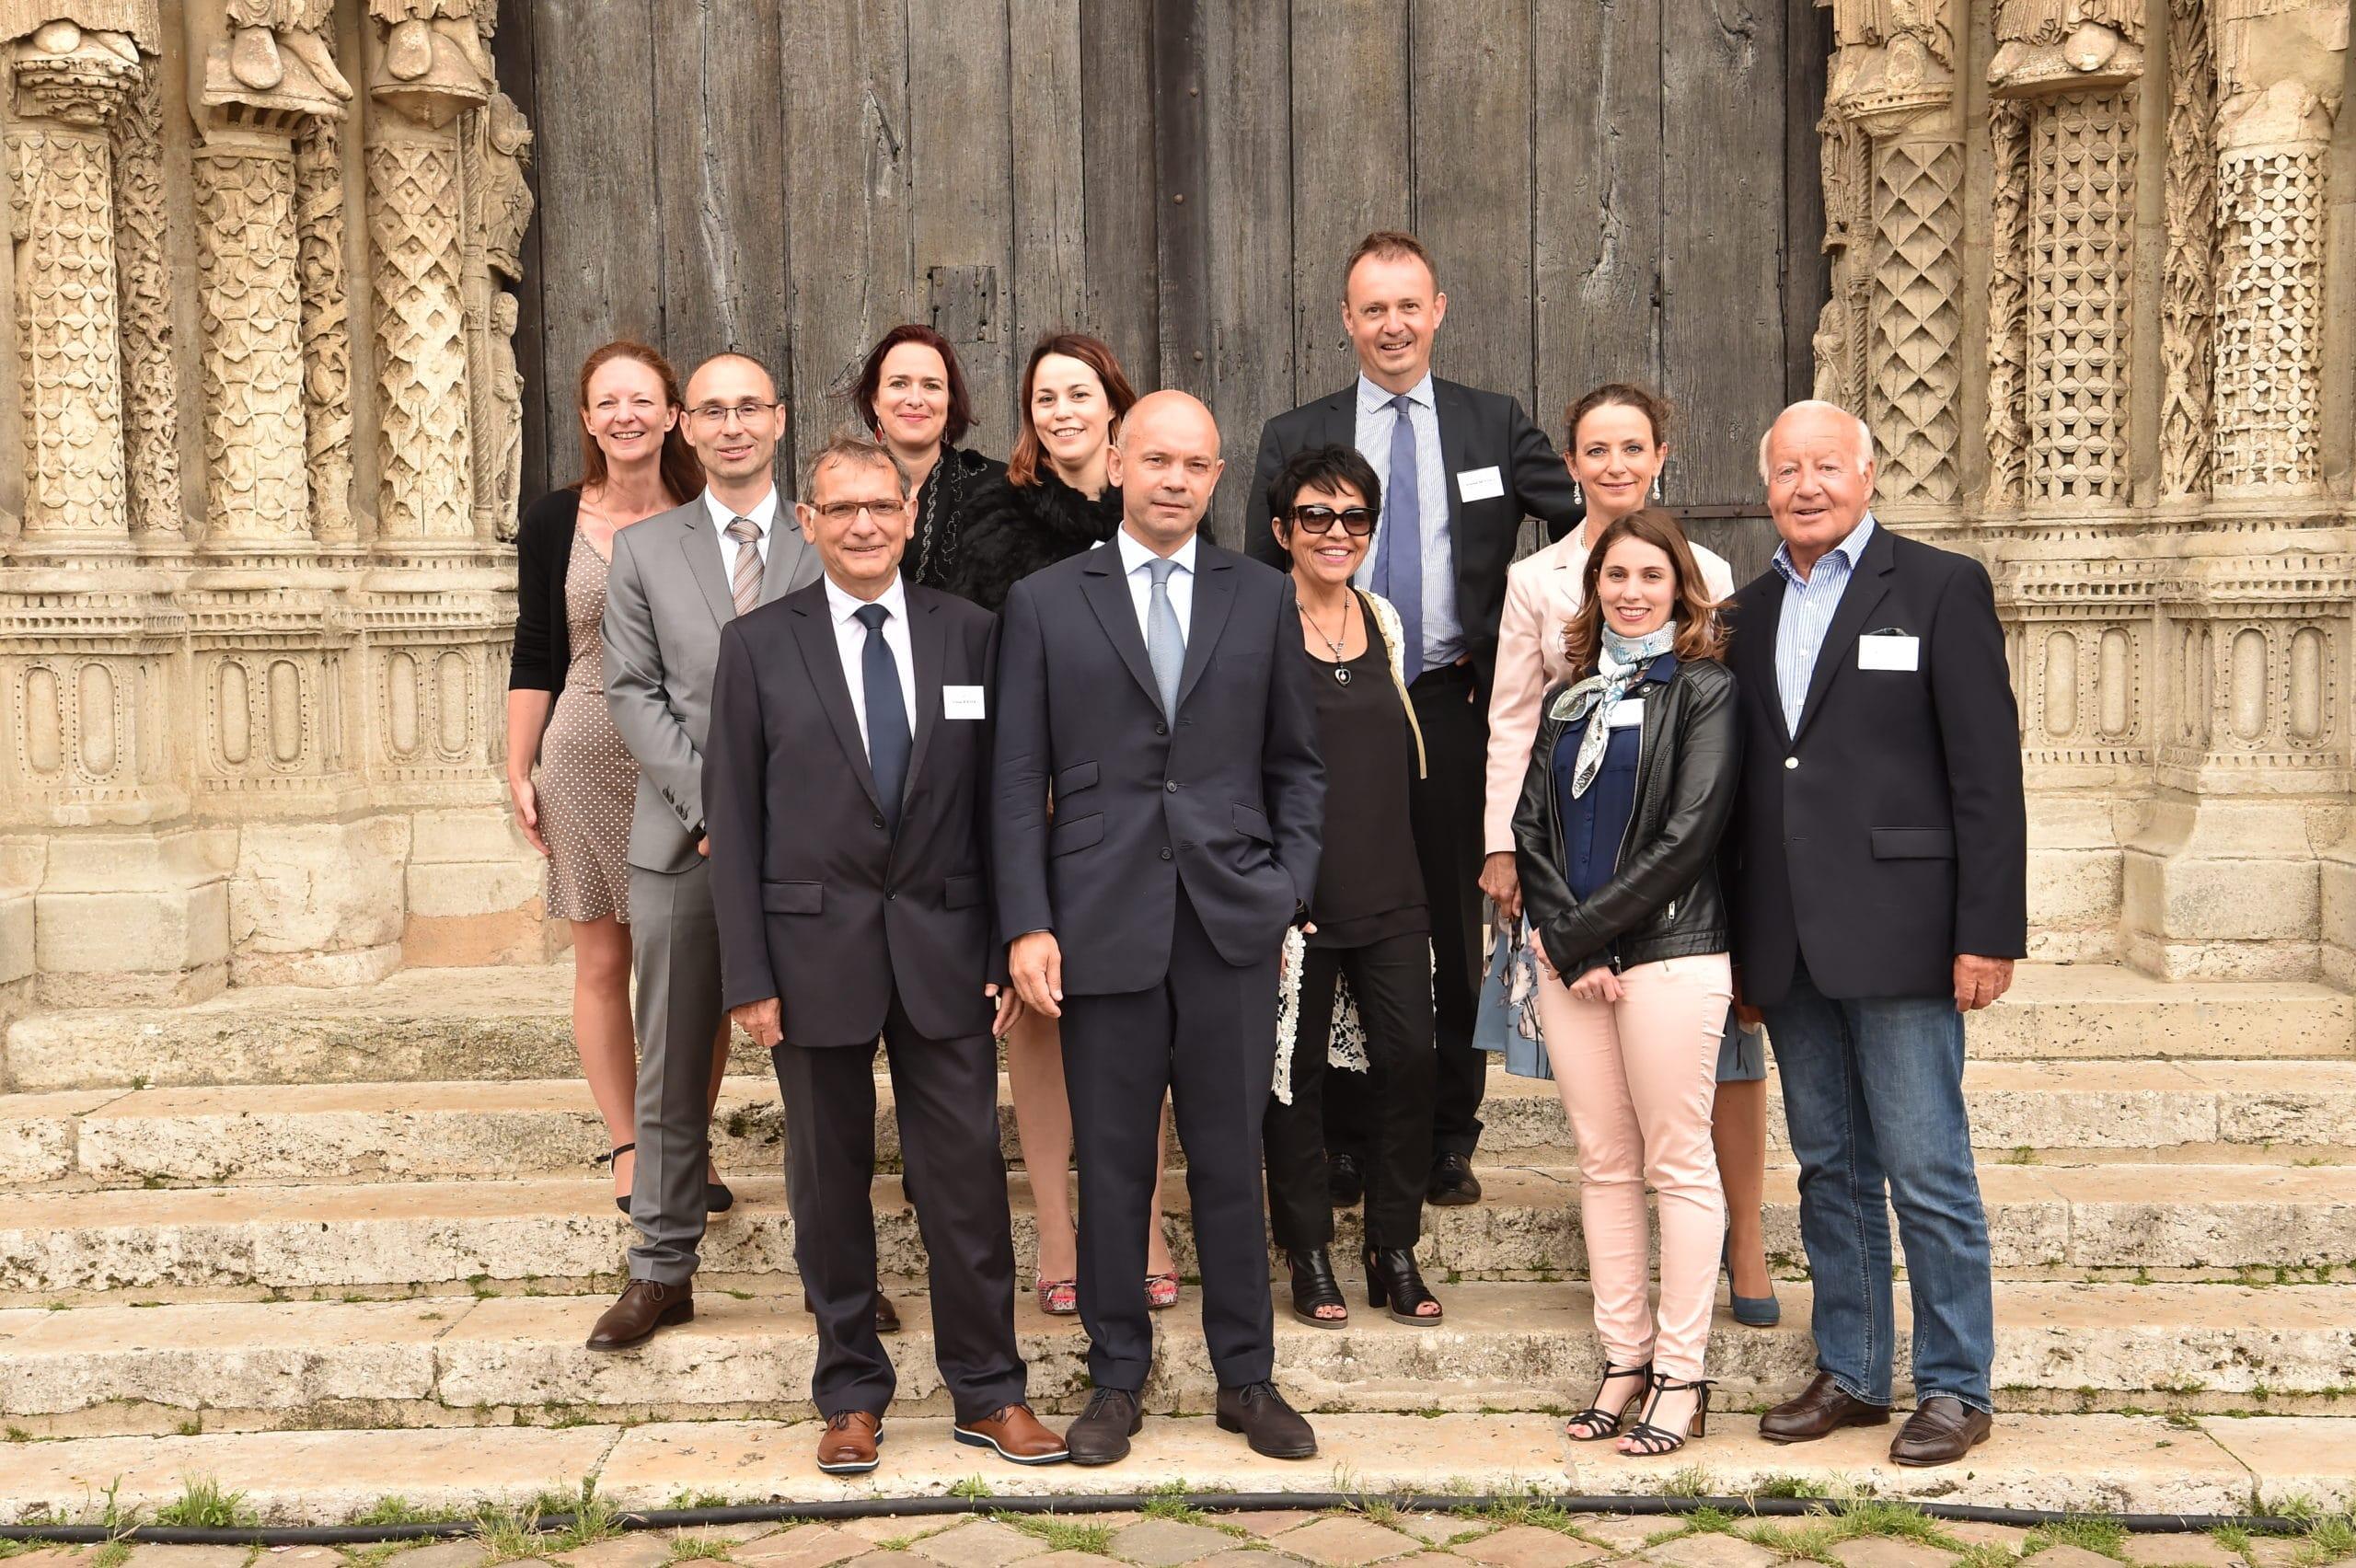 Acer Finance et Laillet Bordier s'associent pour créer LB&AF, société de conseil et de gestion patrimoniale.